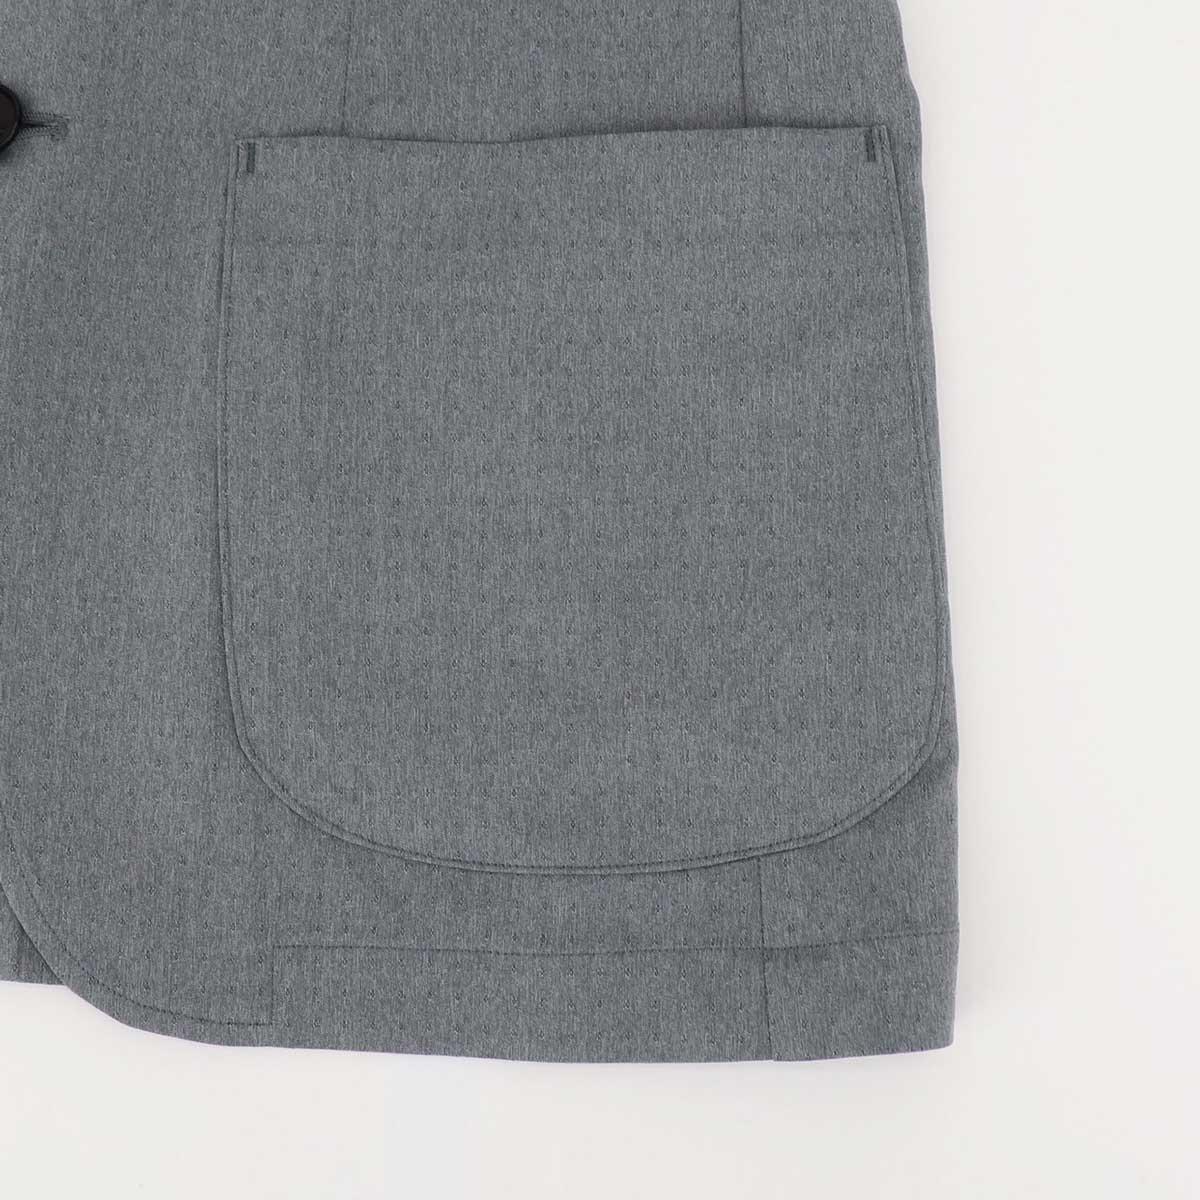 【クリアランスセール】ティモーネ Timone メンズ 撥水ナイロン ドットストライプ エアリーストレッチ サマー シングルジャケット TM0107124(グレー)【返品交換不可】